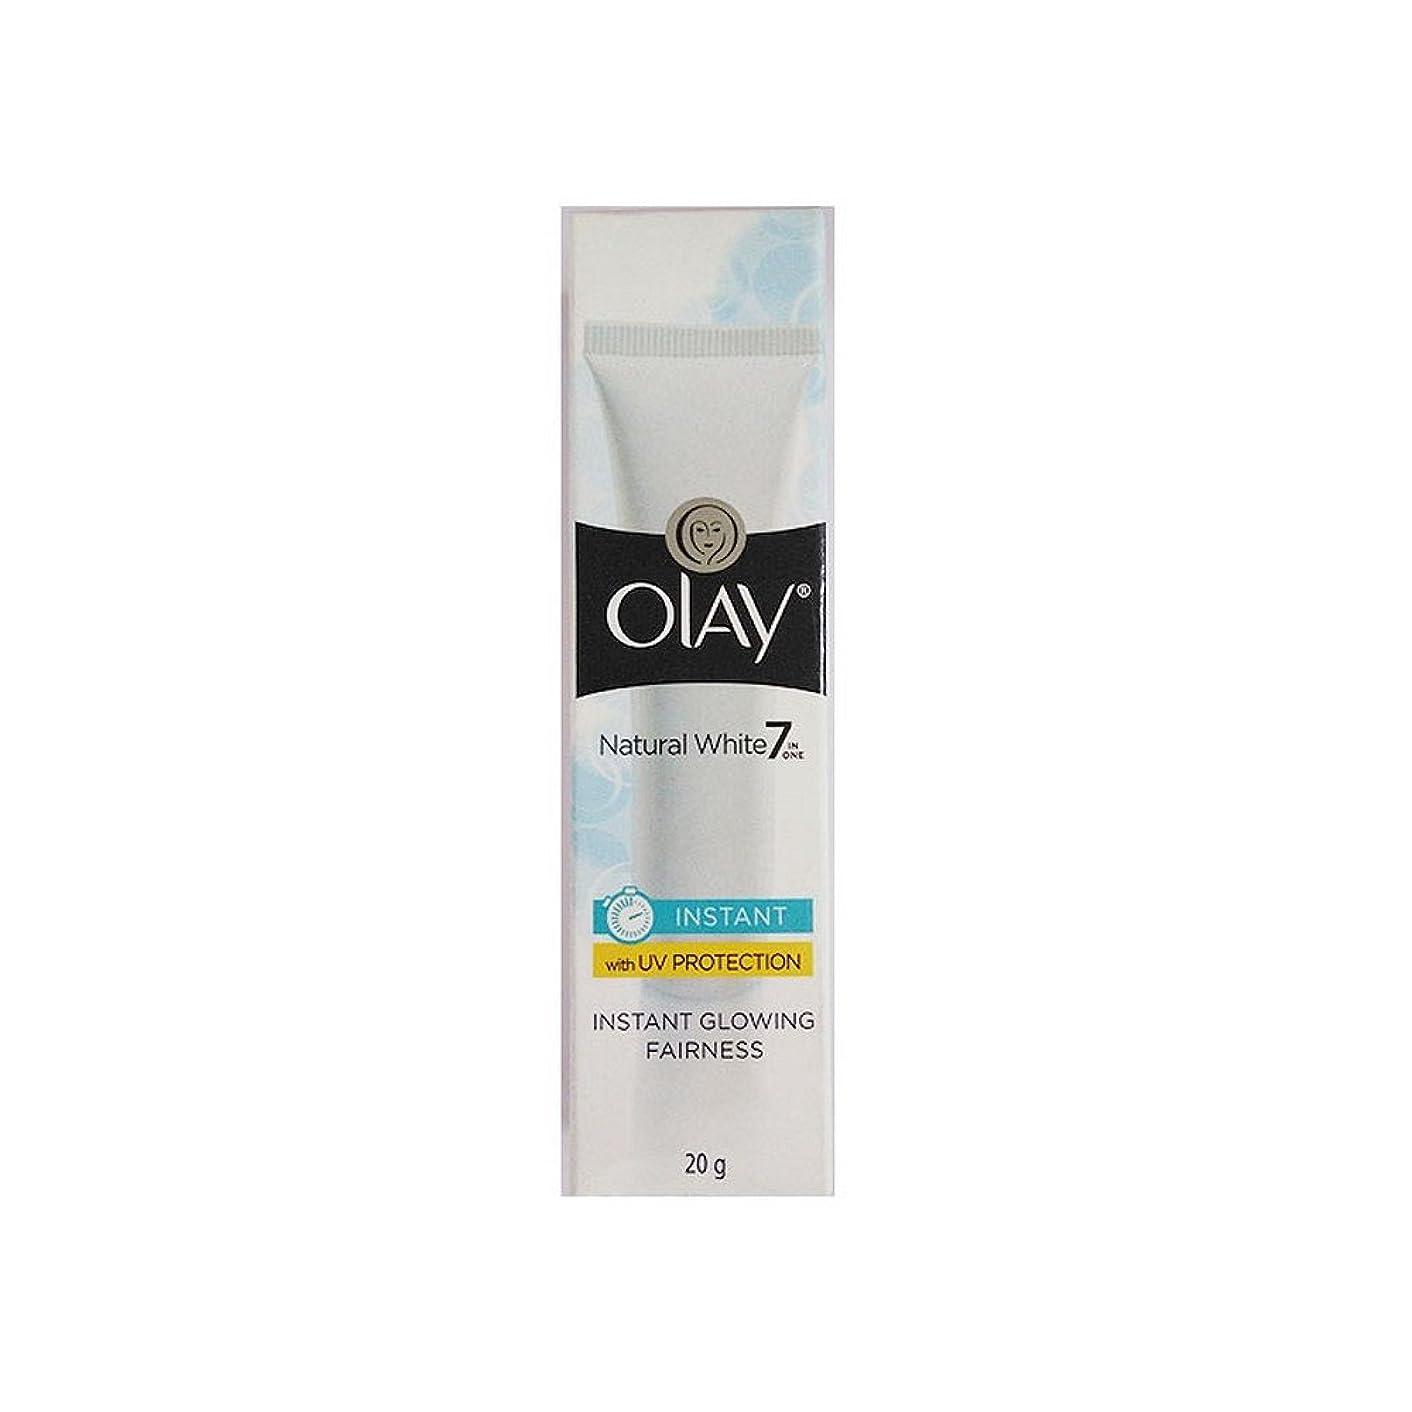 セクタピニオン印をつけるOlay Natural White Light Instant Glowing Fairness Cream, 20g